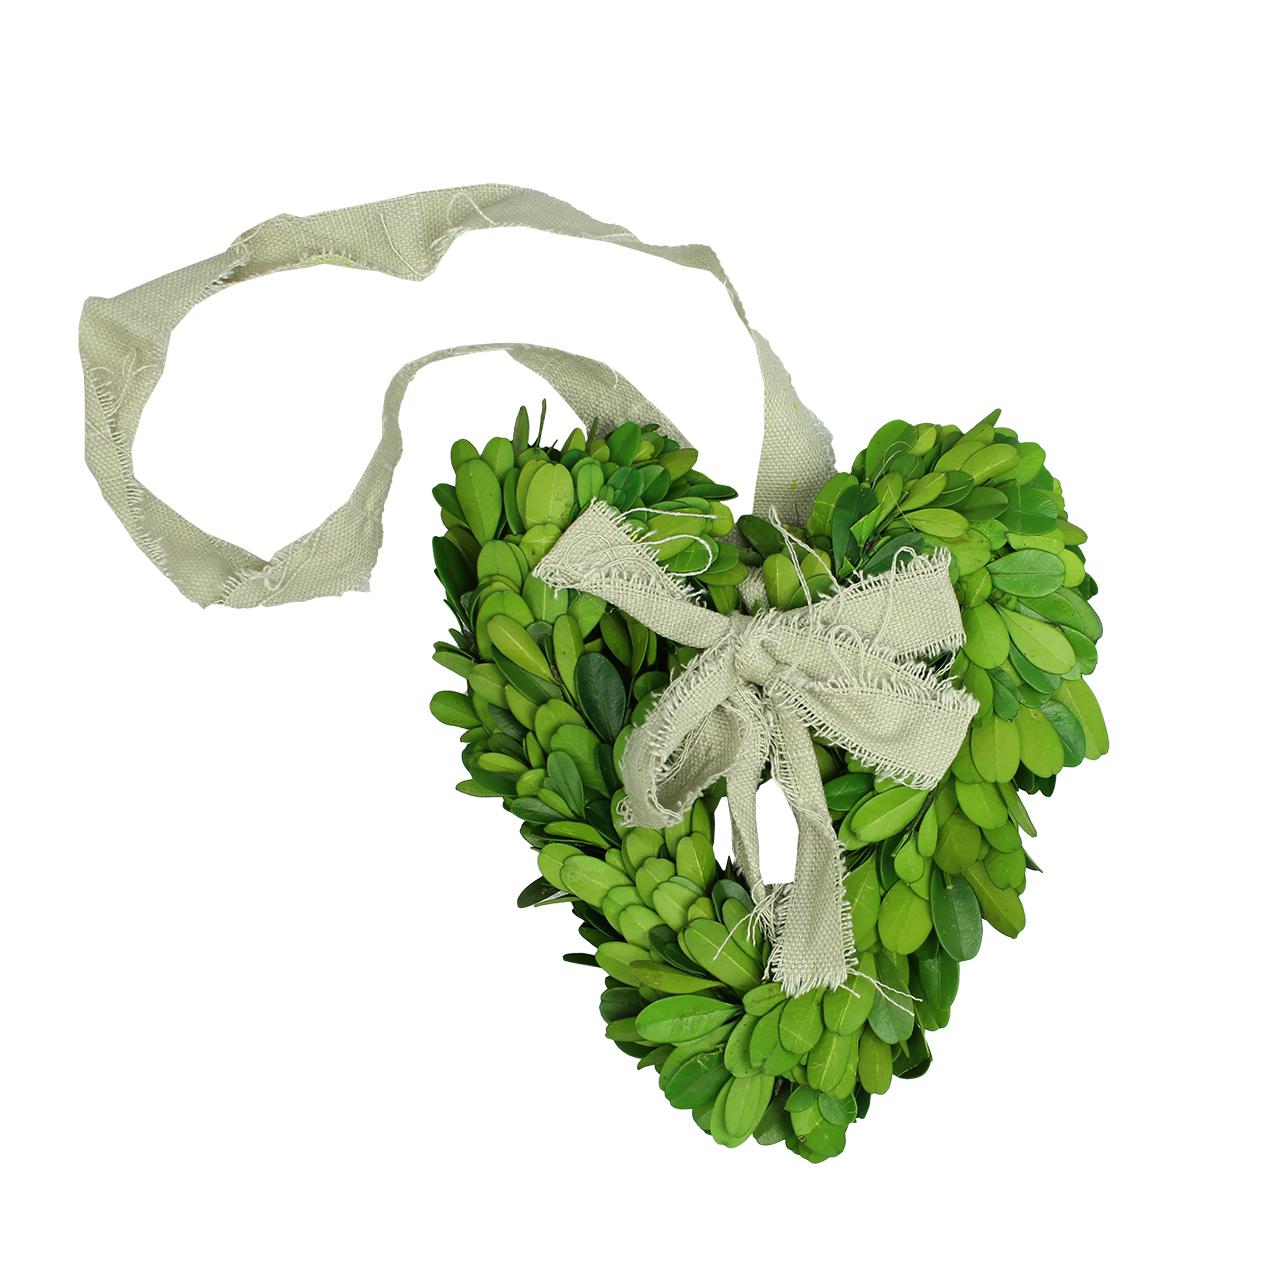 Coronita decorativa inima din buxus verde 20 cm( 391632)